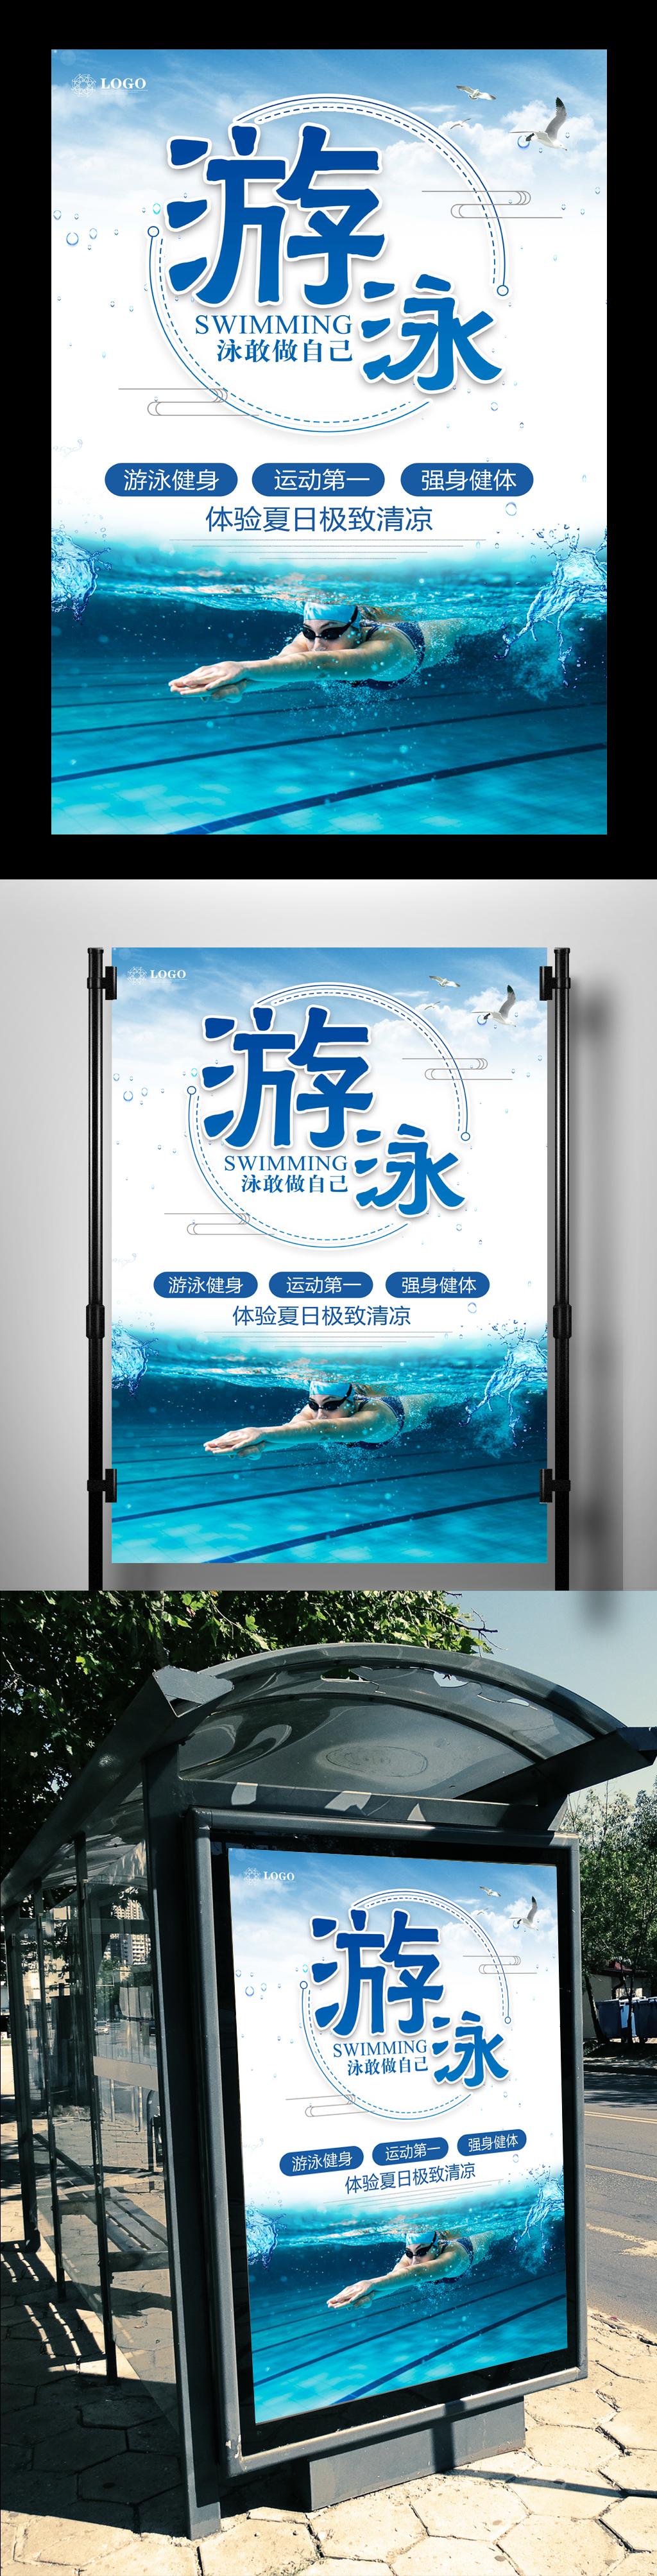 游泳健身俱乐部海报设计